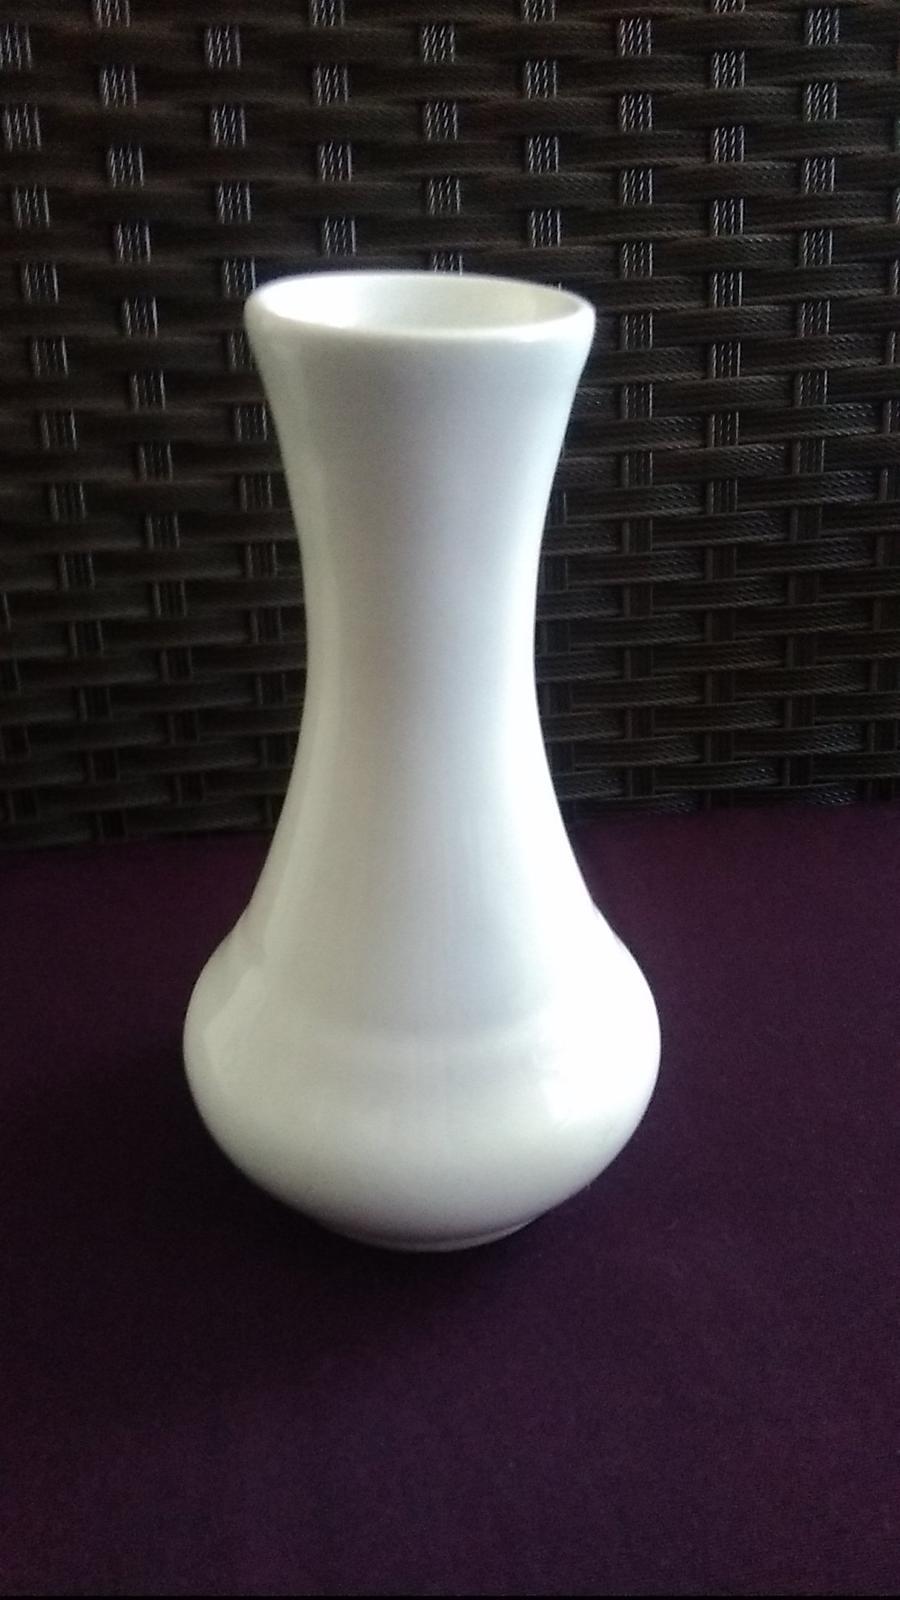 Biela váza-výška 14 cm - Obrázok č. 1